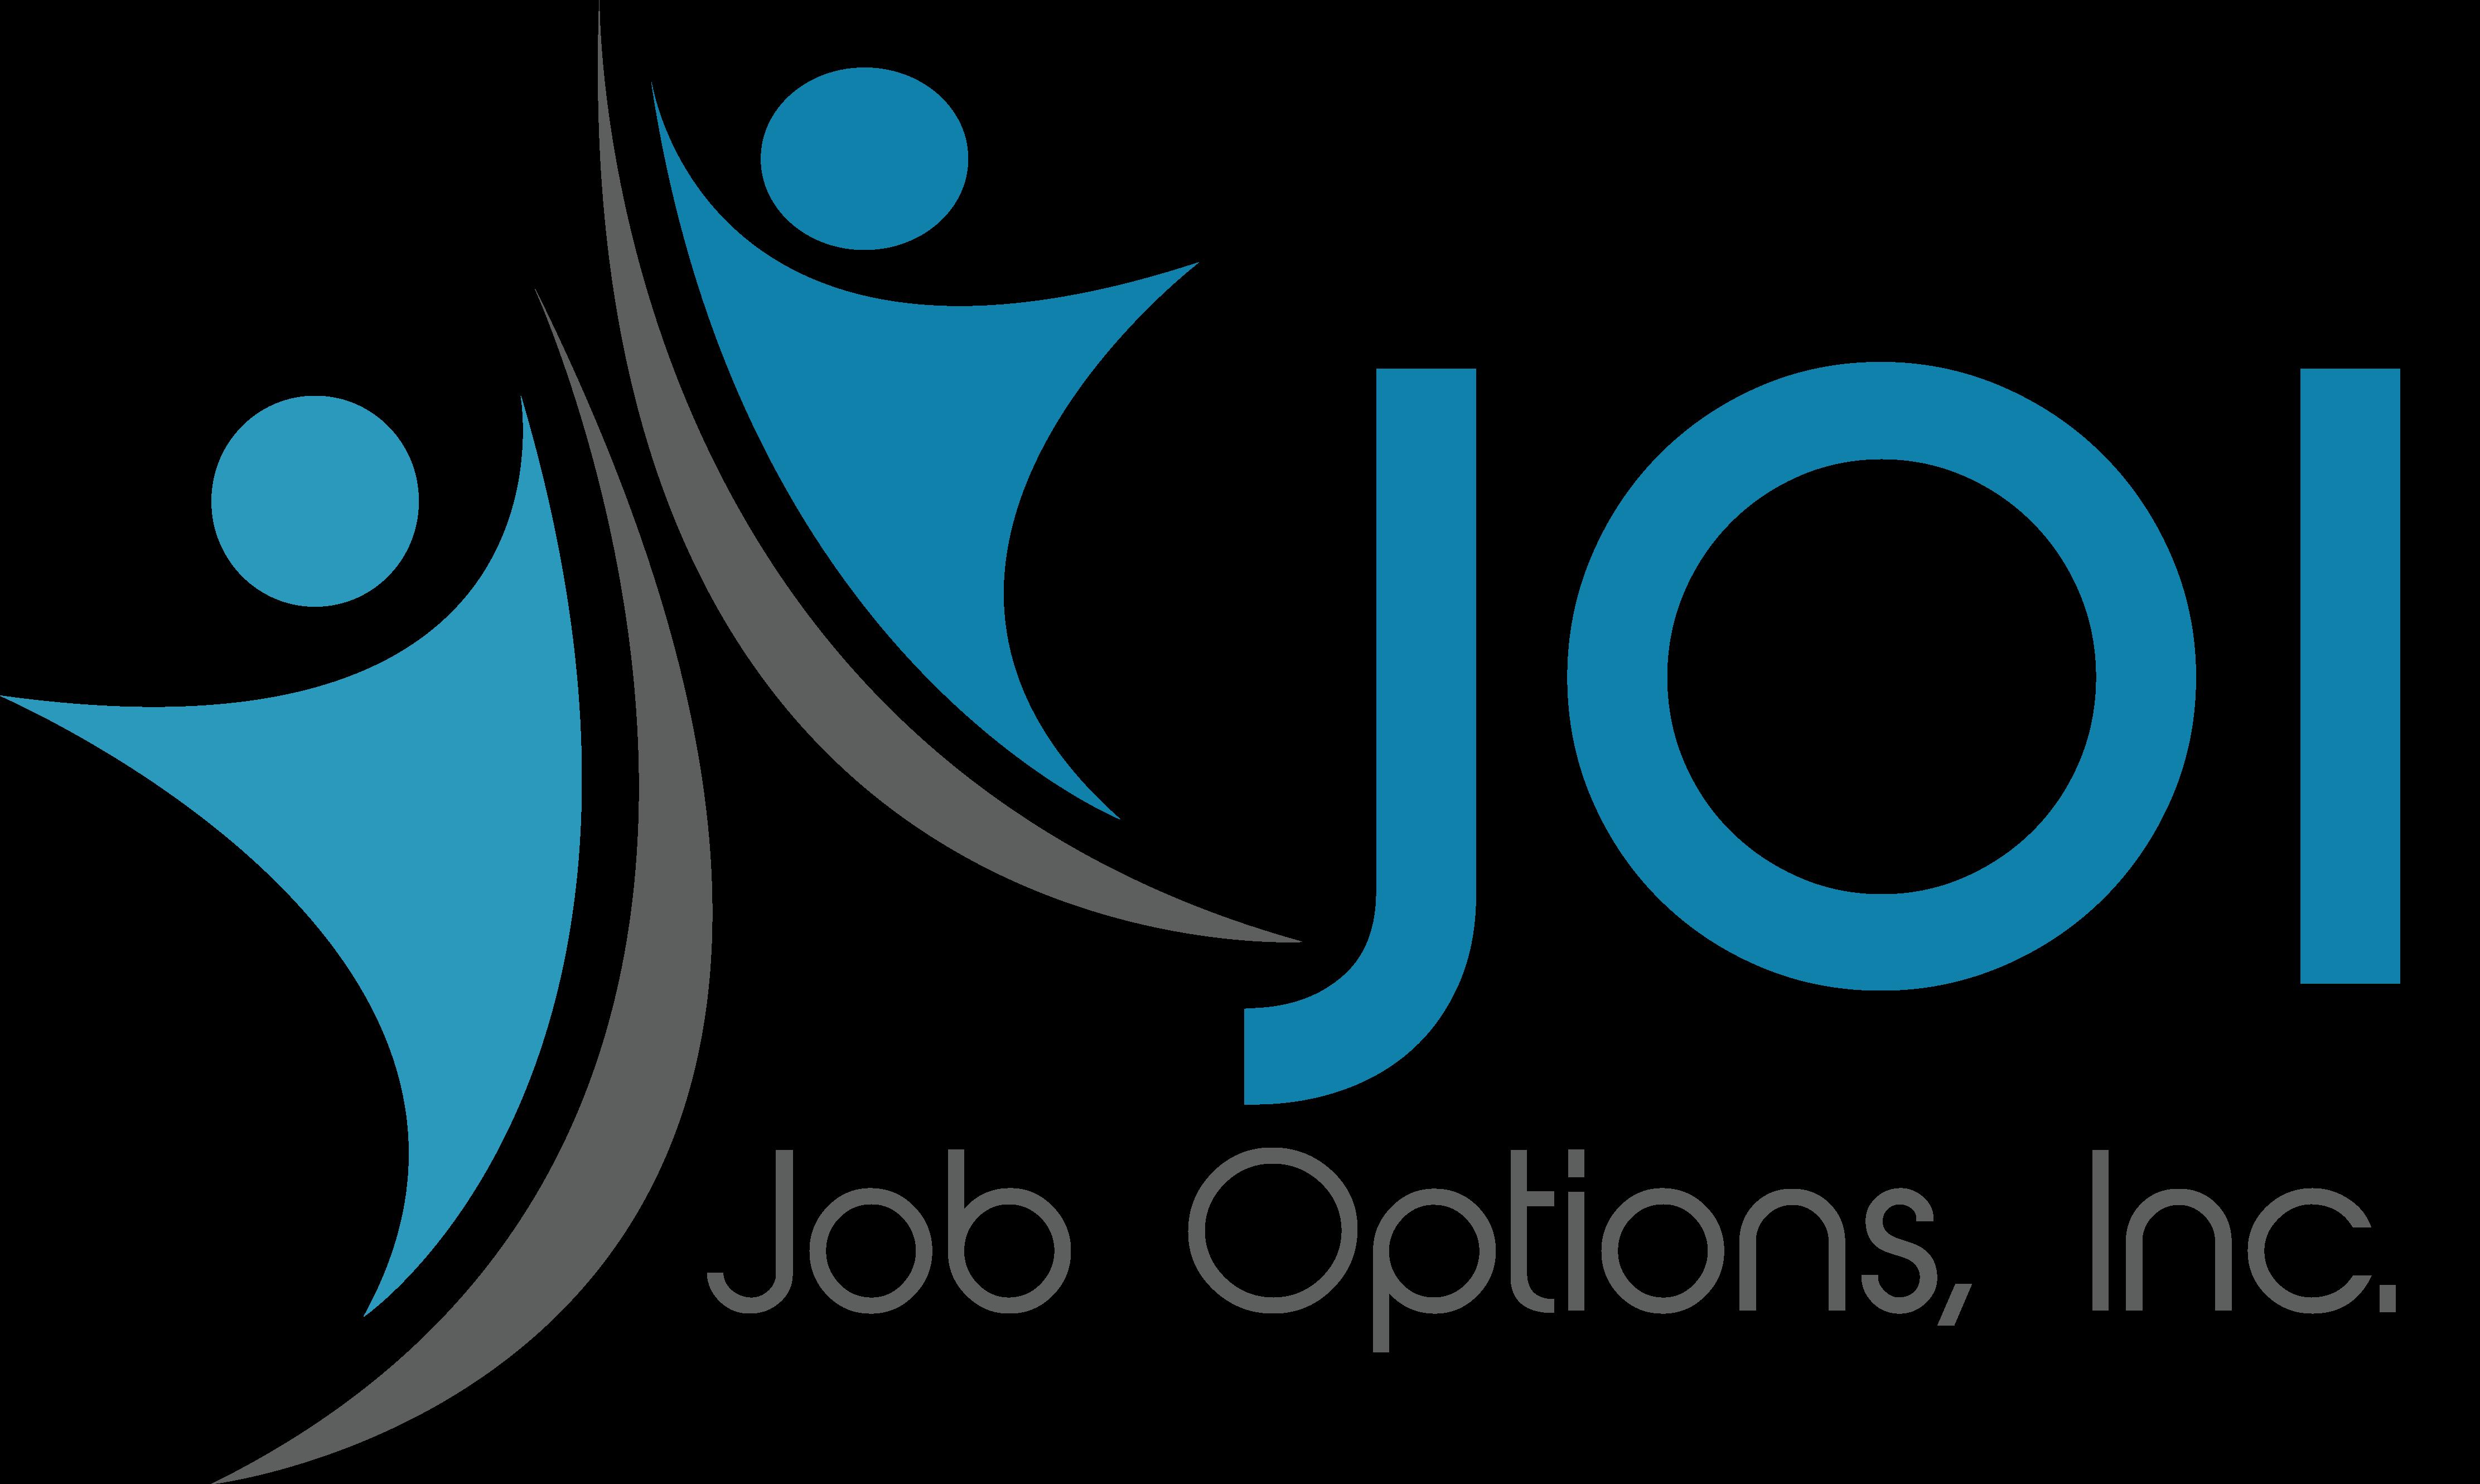 Job Options, Inc.